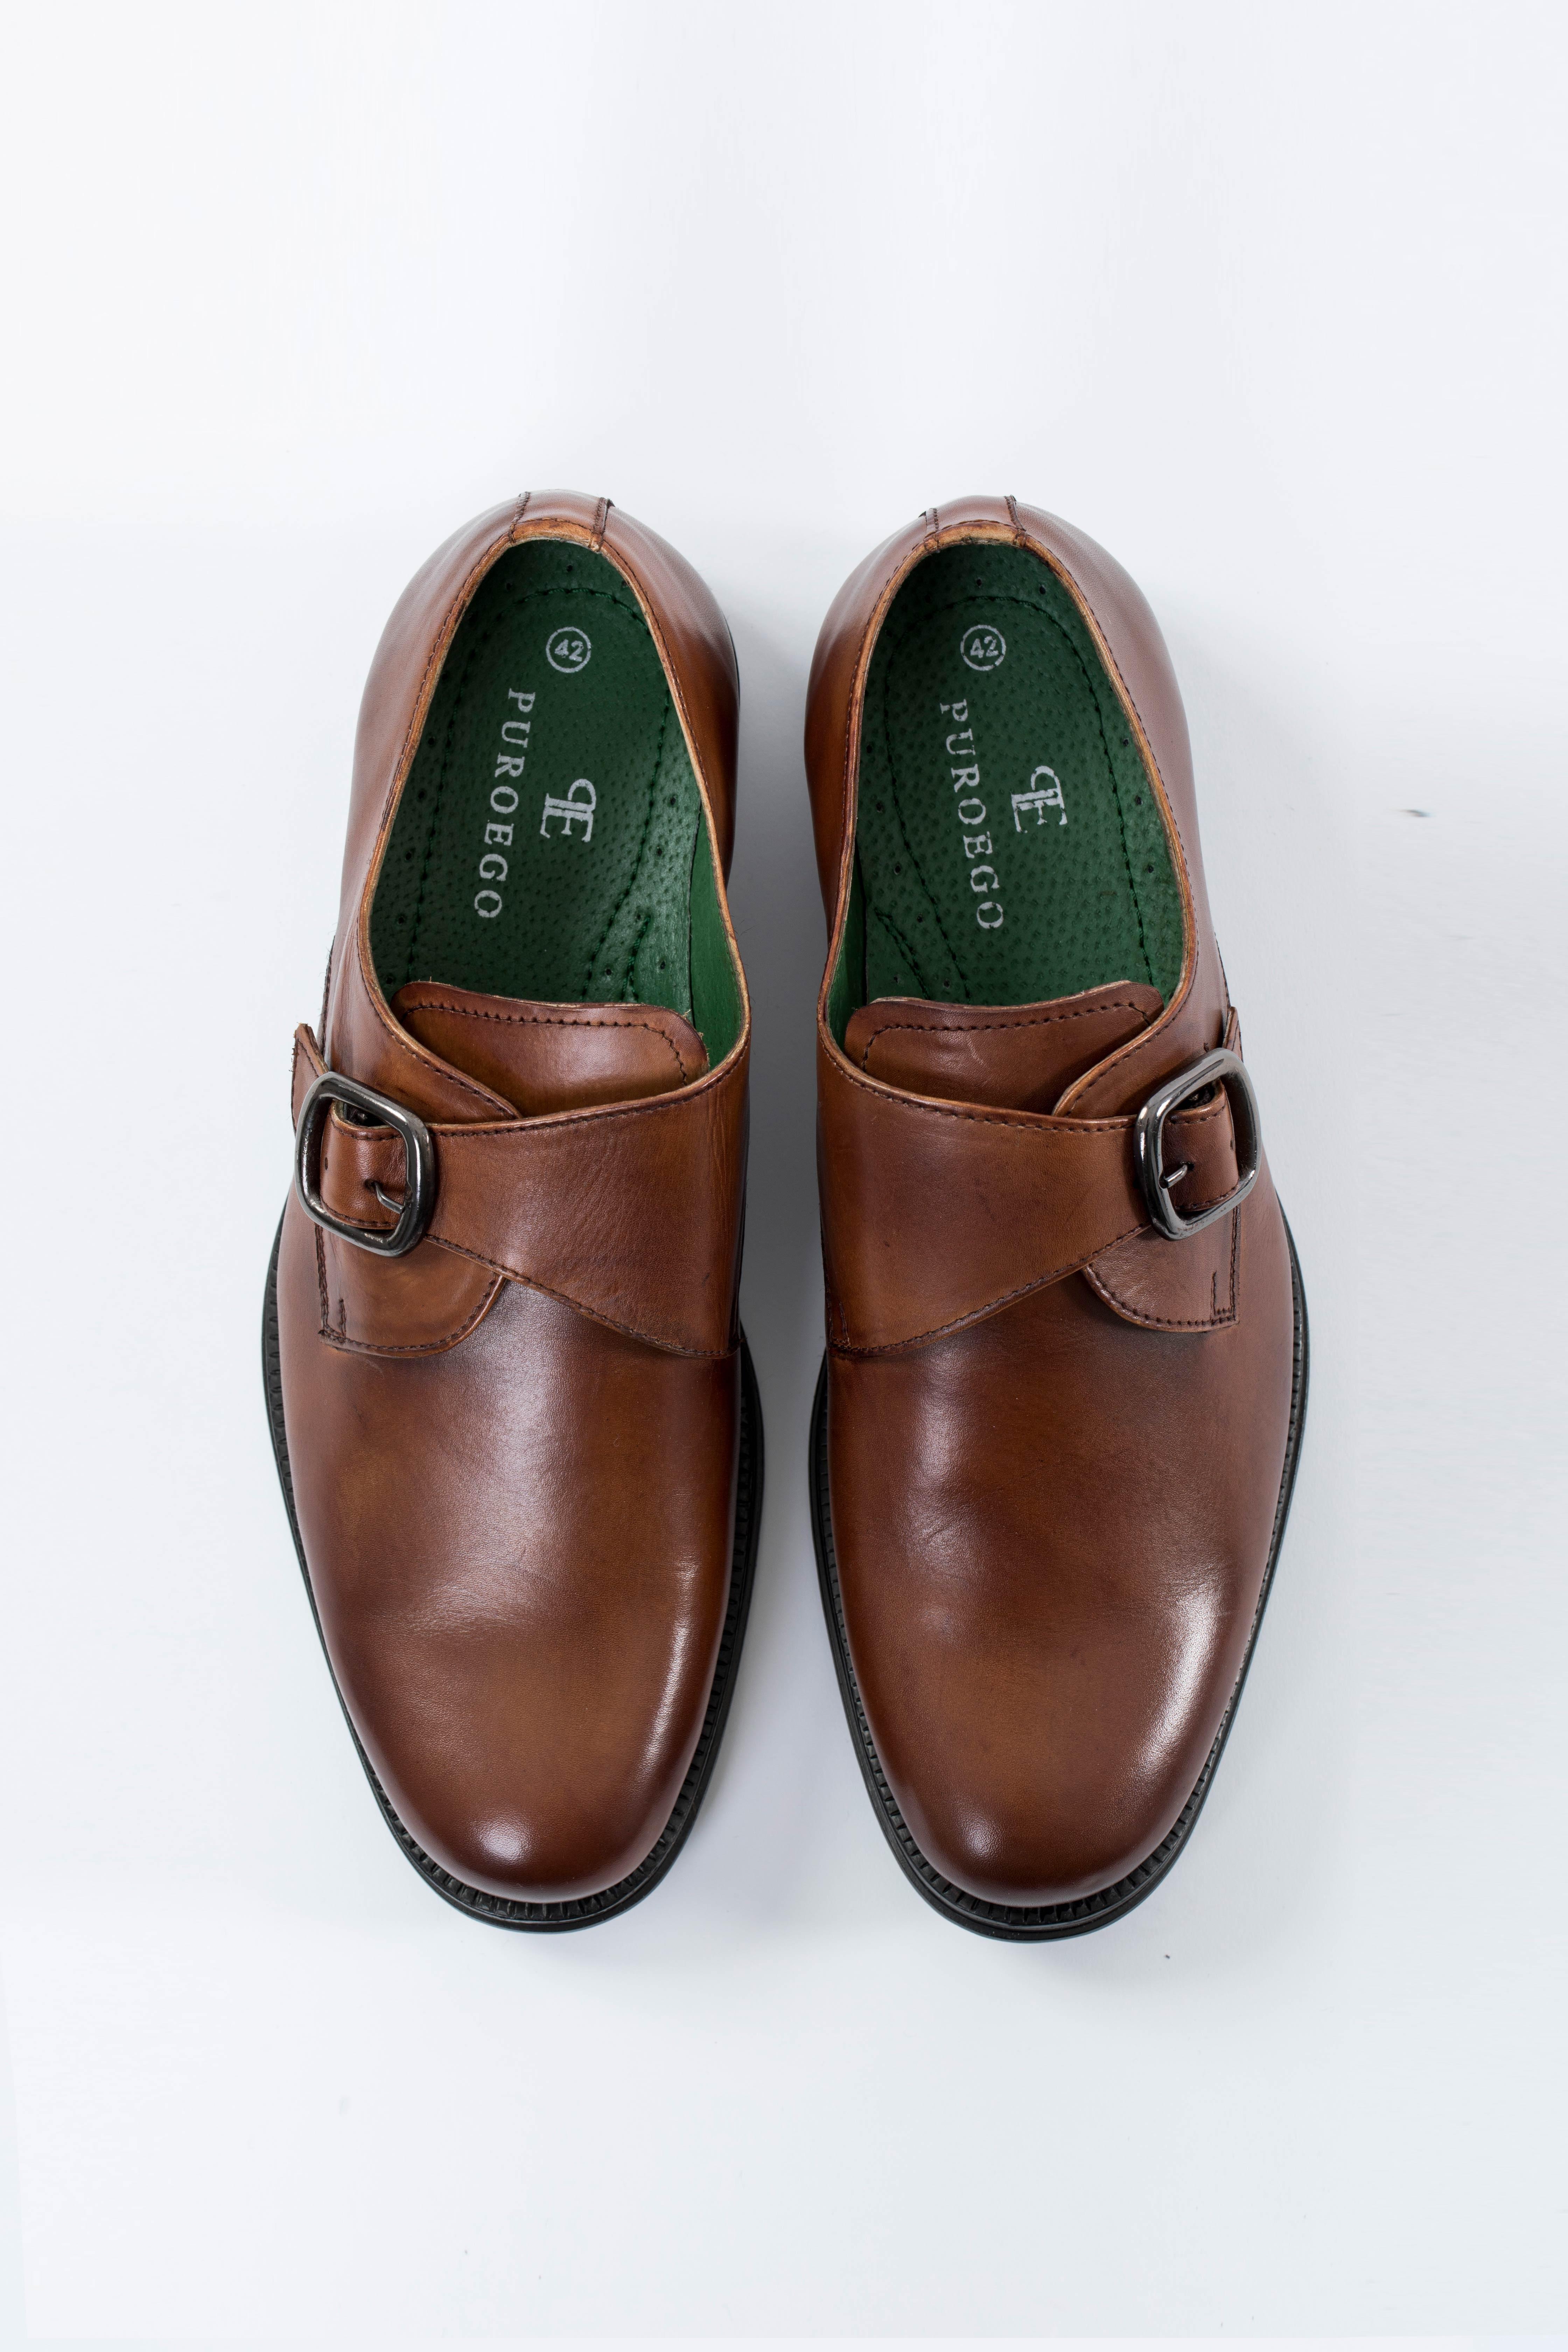 revisa 0b106 987ee Zapato piel hebilla coñac